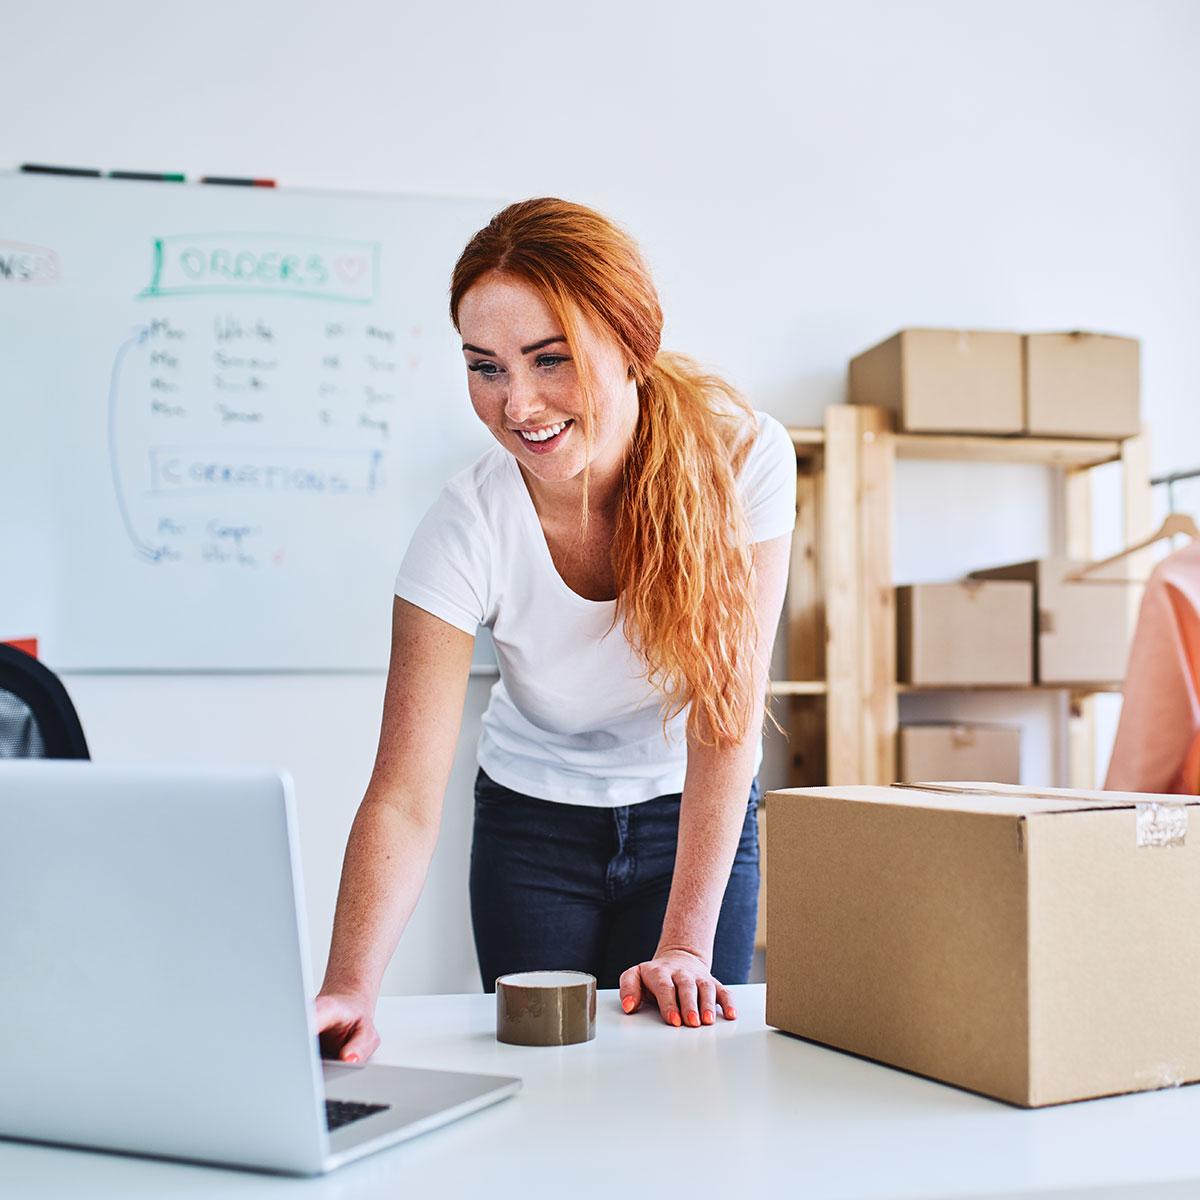 Iloinen punahiuksinen nainen valkoisessa t-paidassa paketoi Magento verkkokaupan tilausta